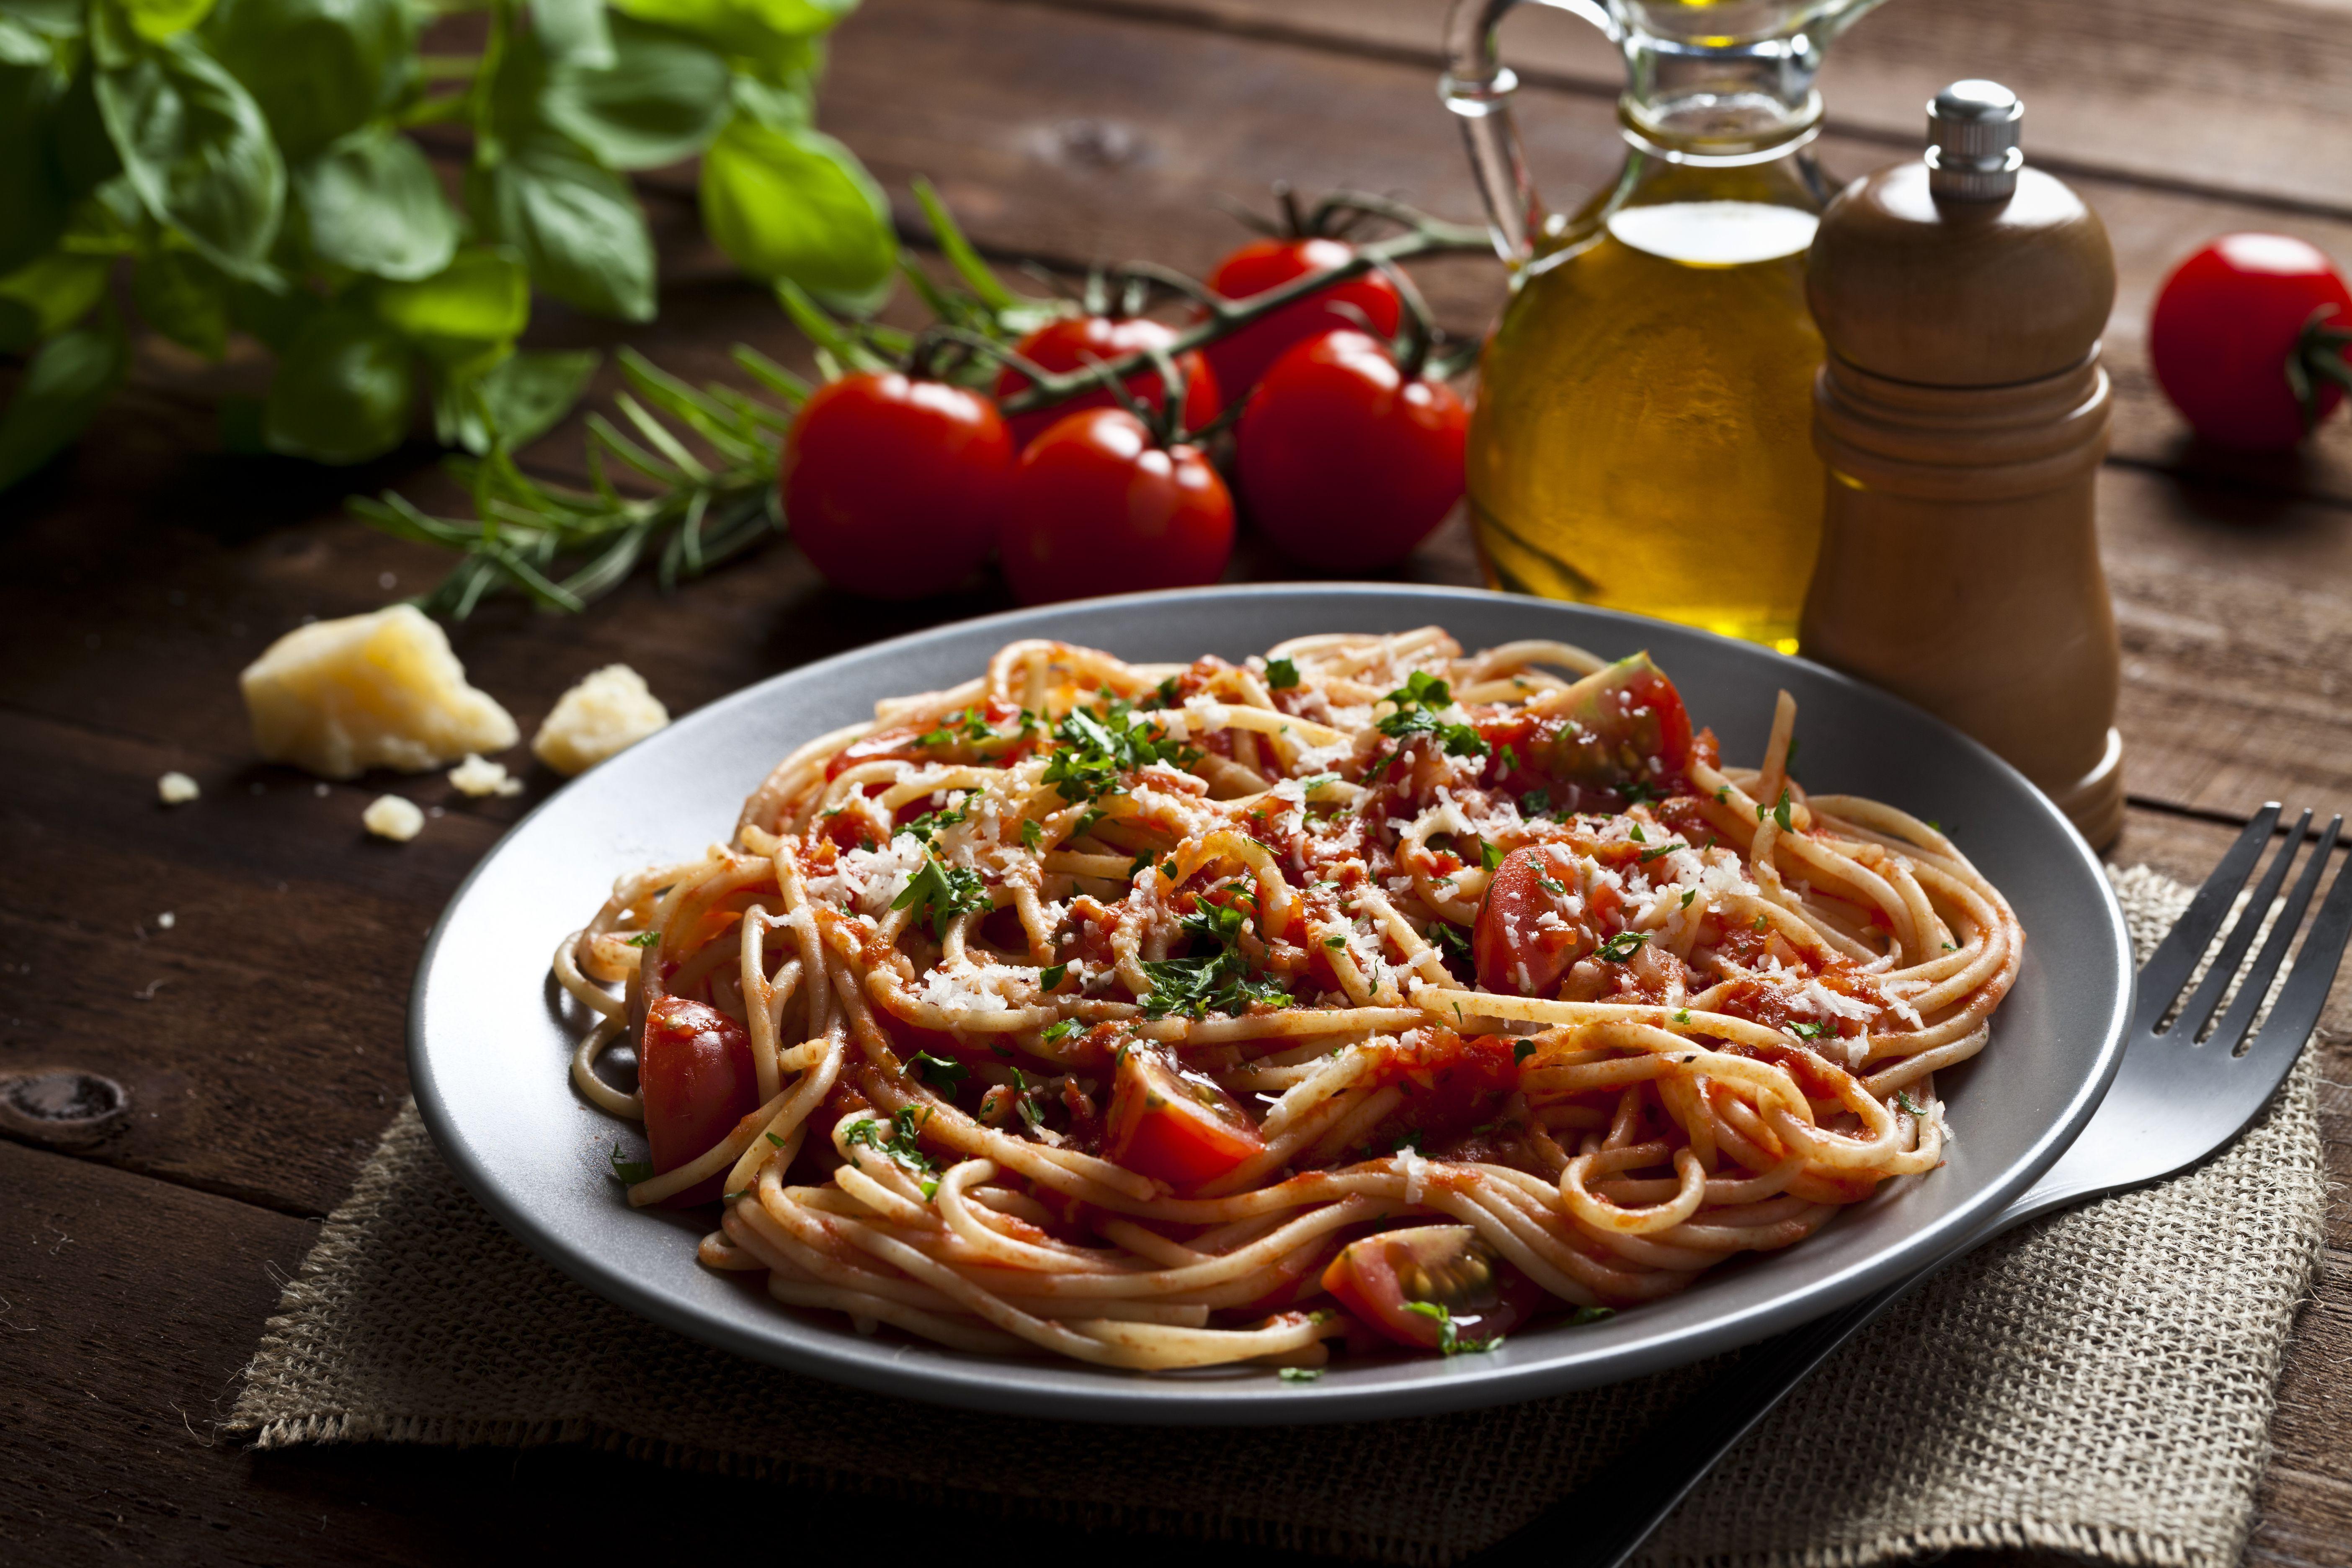 Capellini Pomodoro Olive Garden Capellini Pomodoro - O...